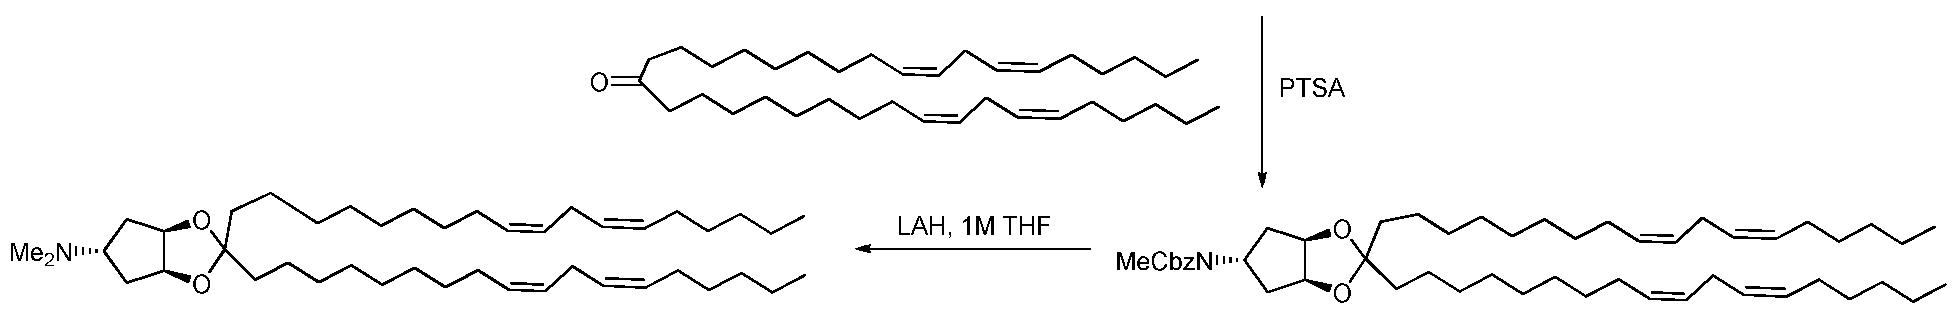 Figure imgf000073_0002